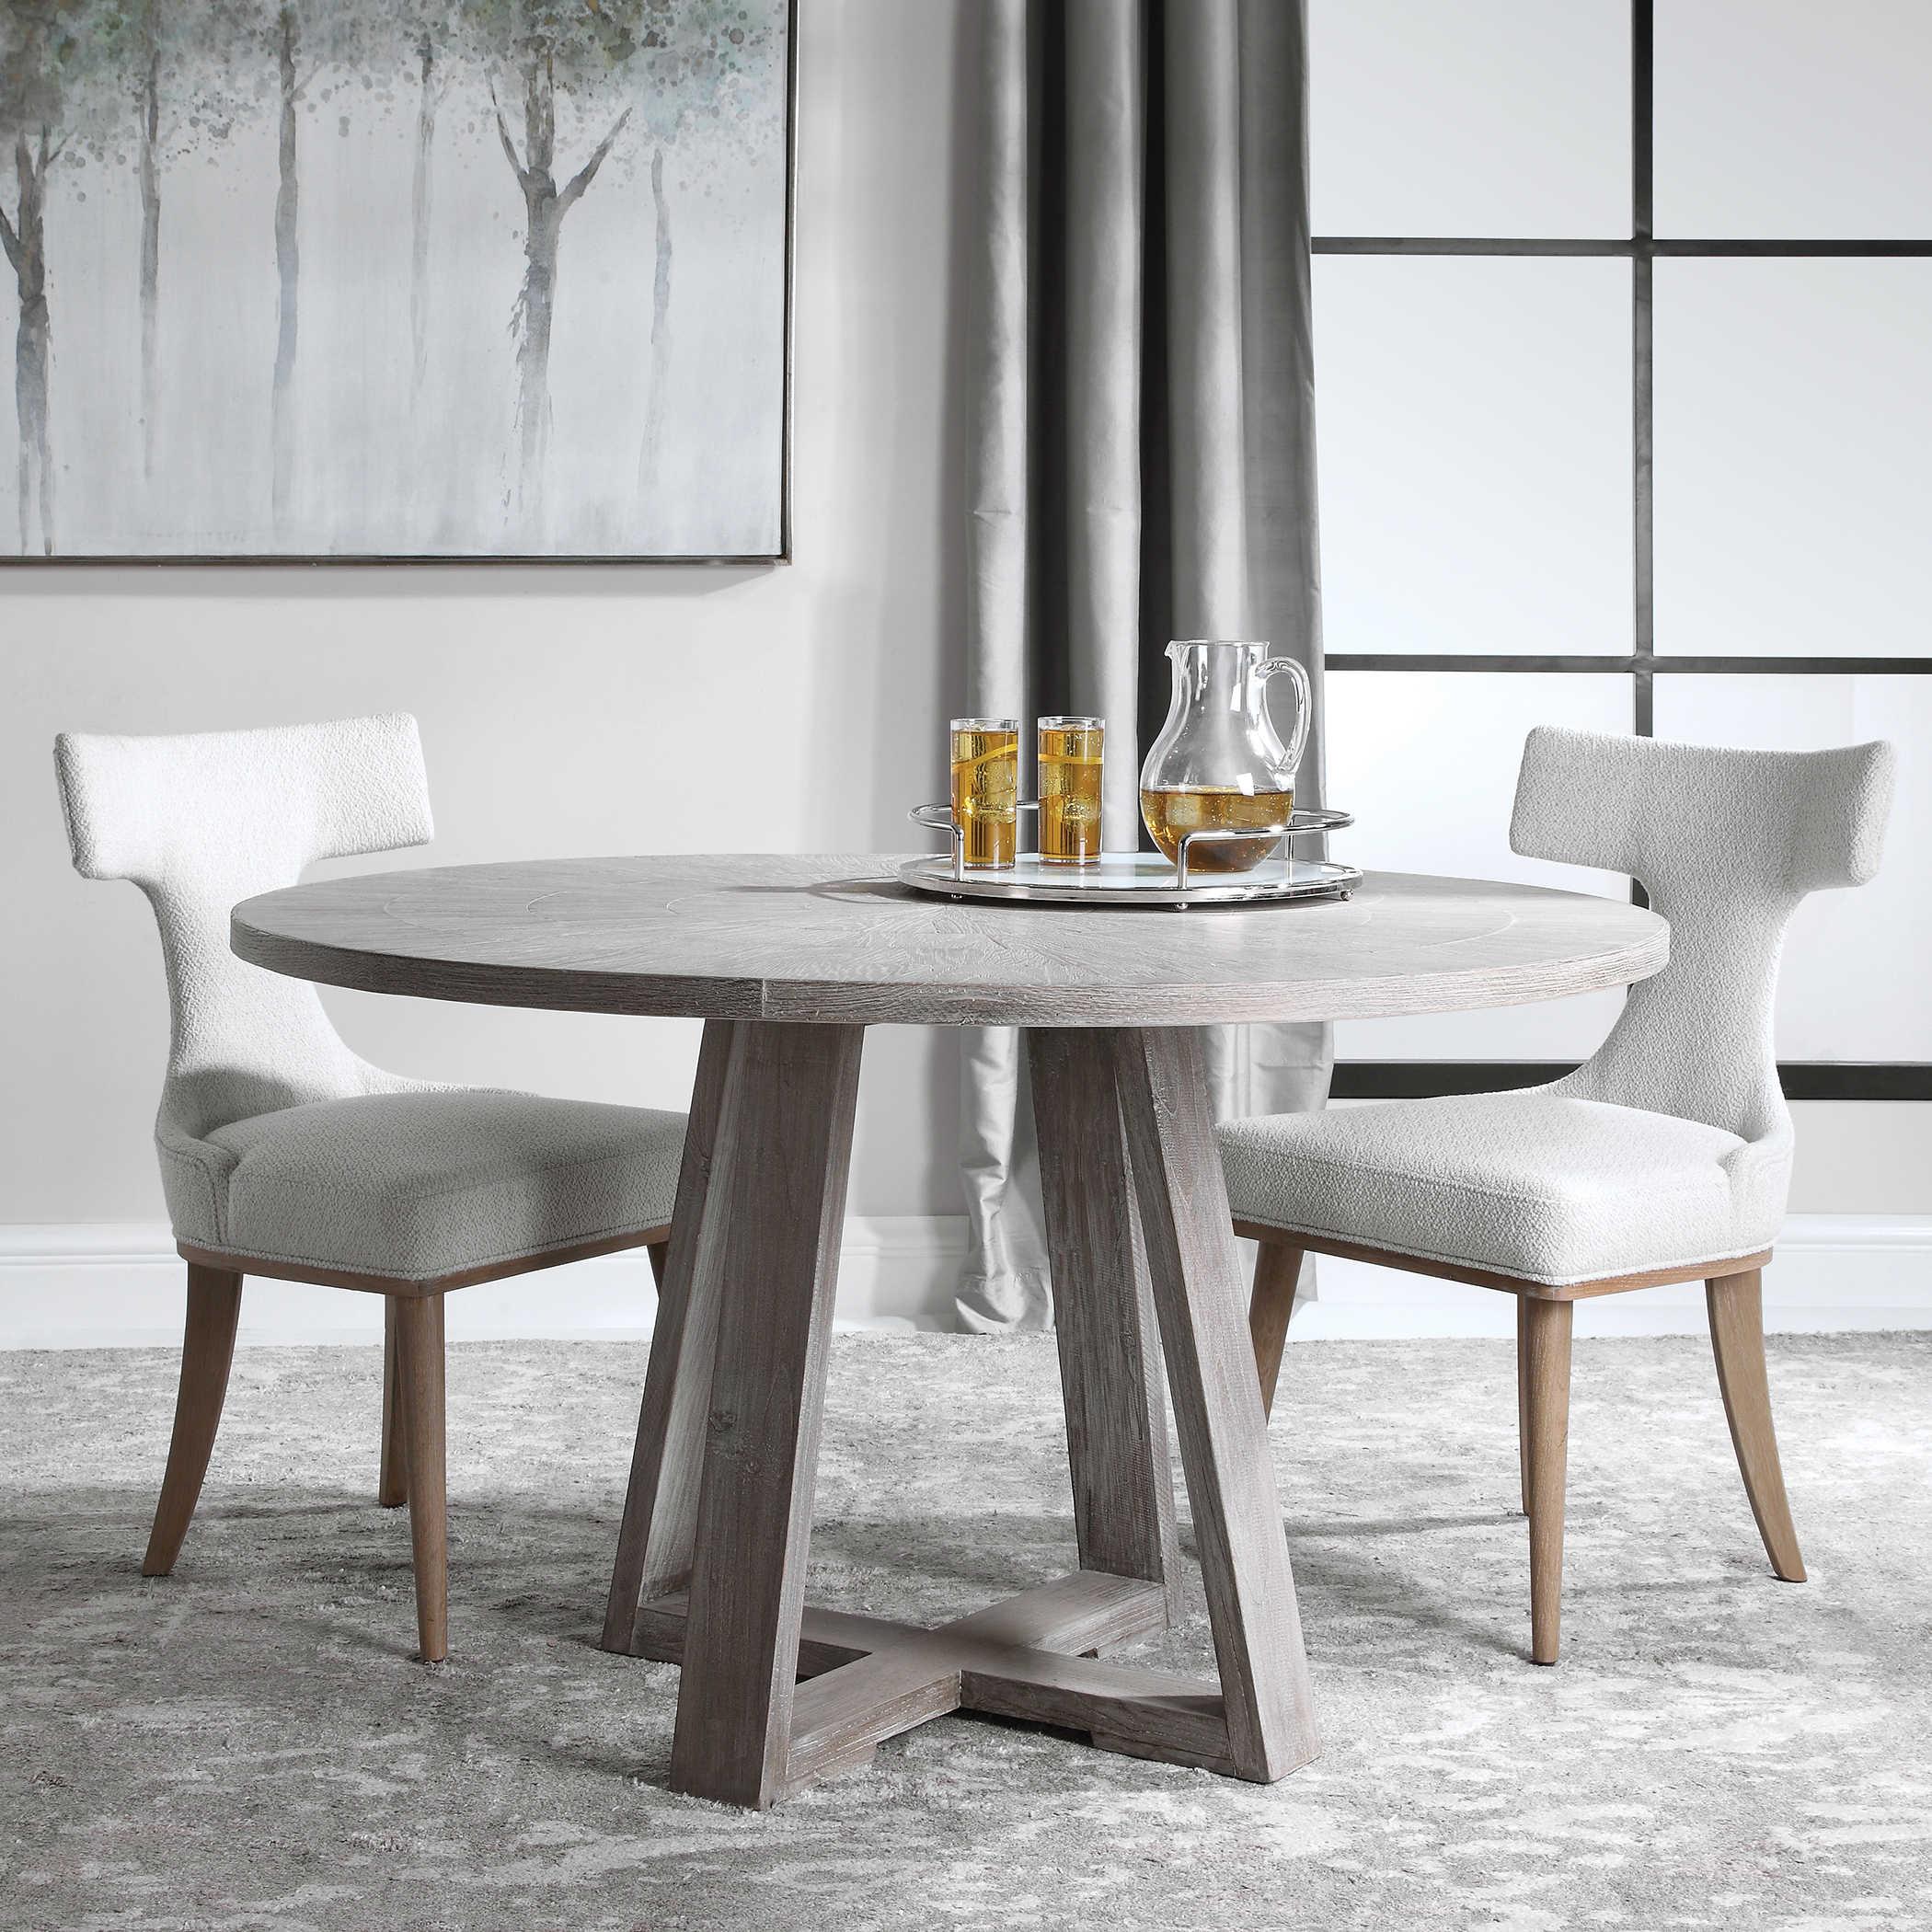 Gidran Dining Table Uttermost, Uttermost Dining Room Tables